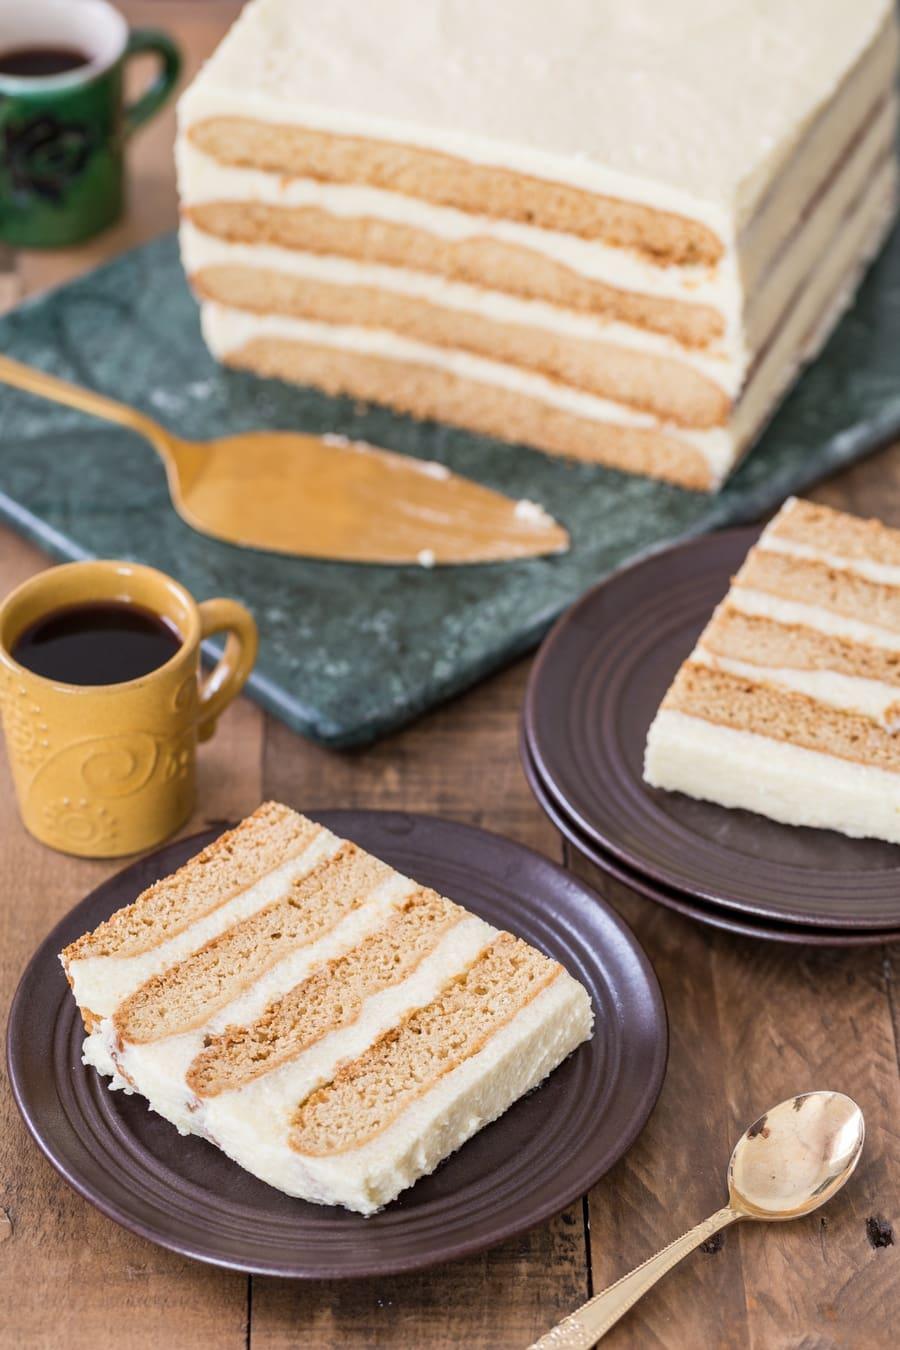 Polish honey cake grysikowiec sliced.